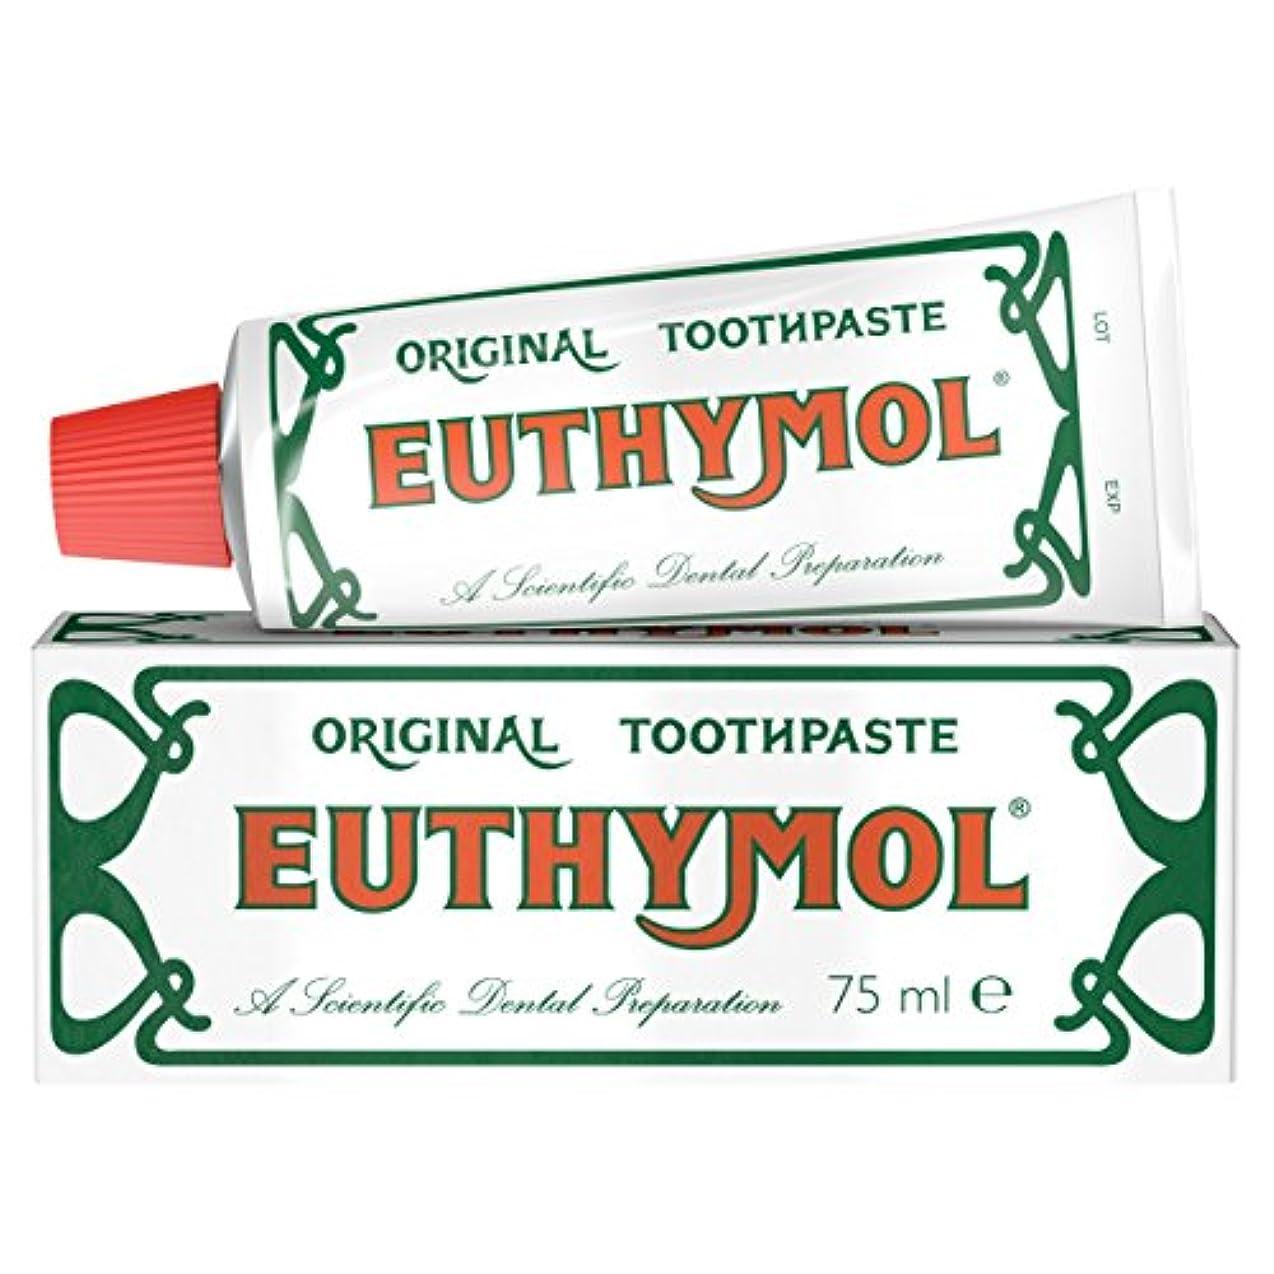 ドラッグアルバム馬鹿げたEuthymol オリジナル歯磨き粉 75ml 並行輸入品 Euthymol Original Toothpaste 75 Ml